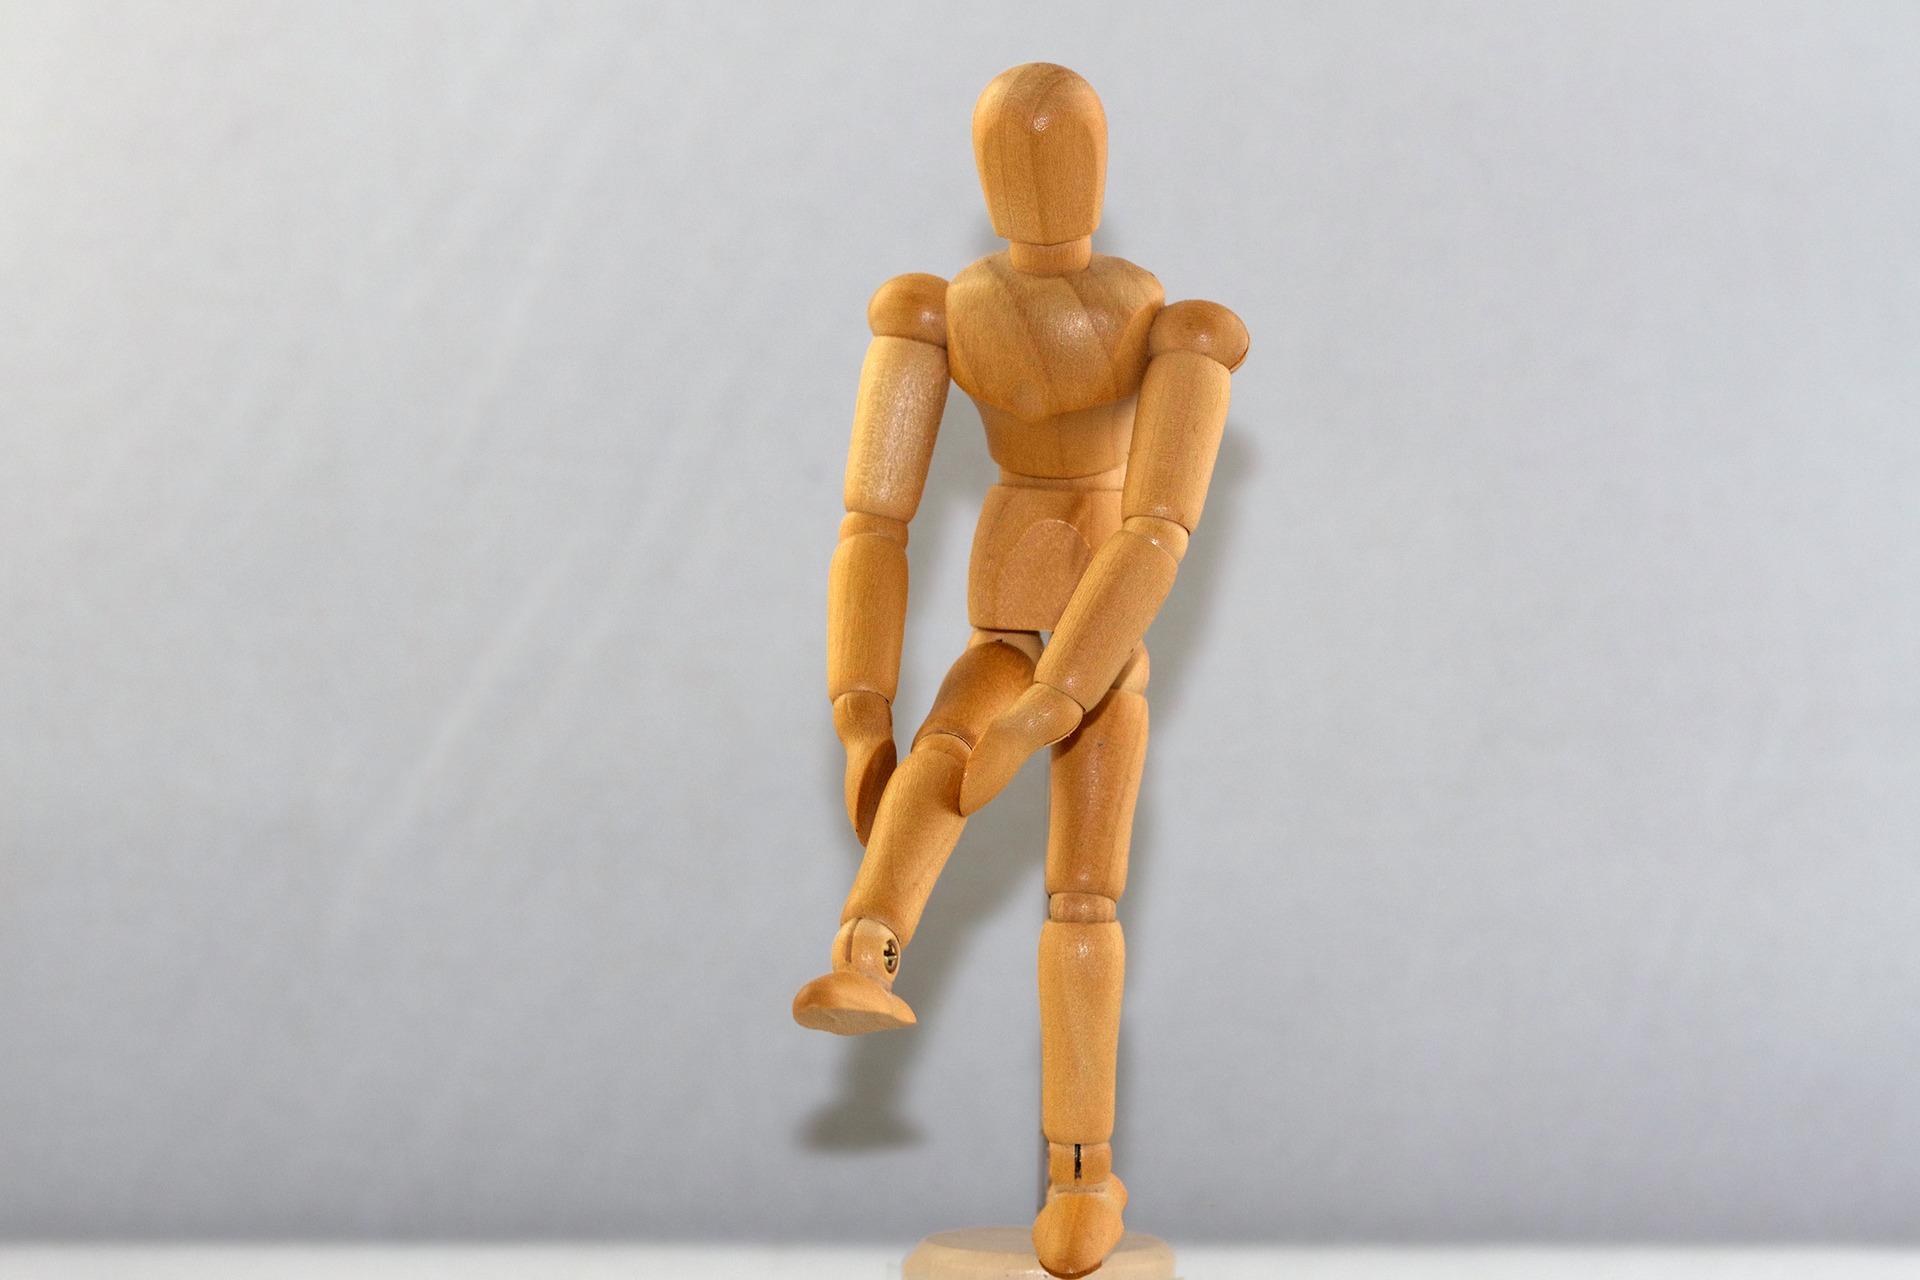 その膝の痛みの原因は「変形性膝関節症」かも…